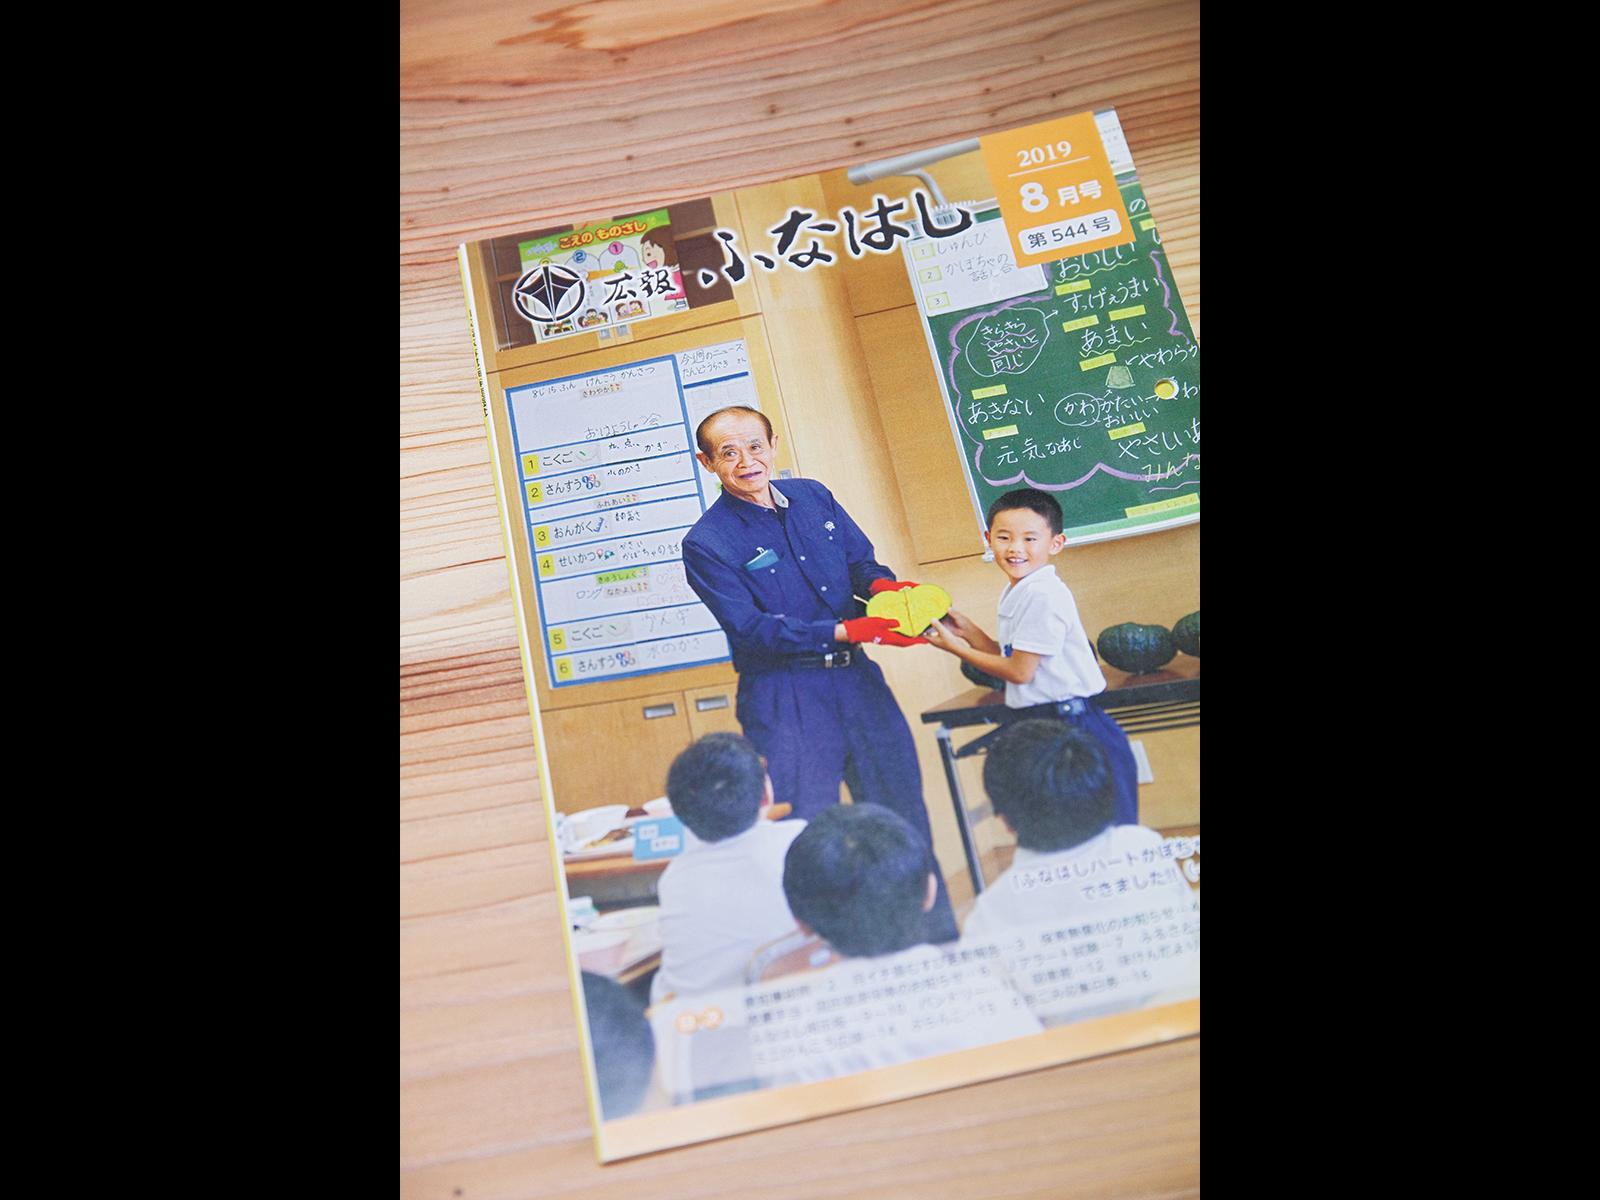 村の広報誌の表紙にも登場。小学校を訪れ、ハートかぼちゃを紹介。